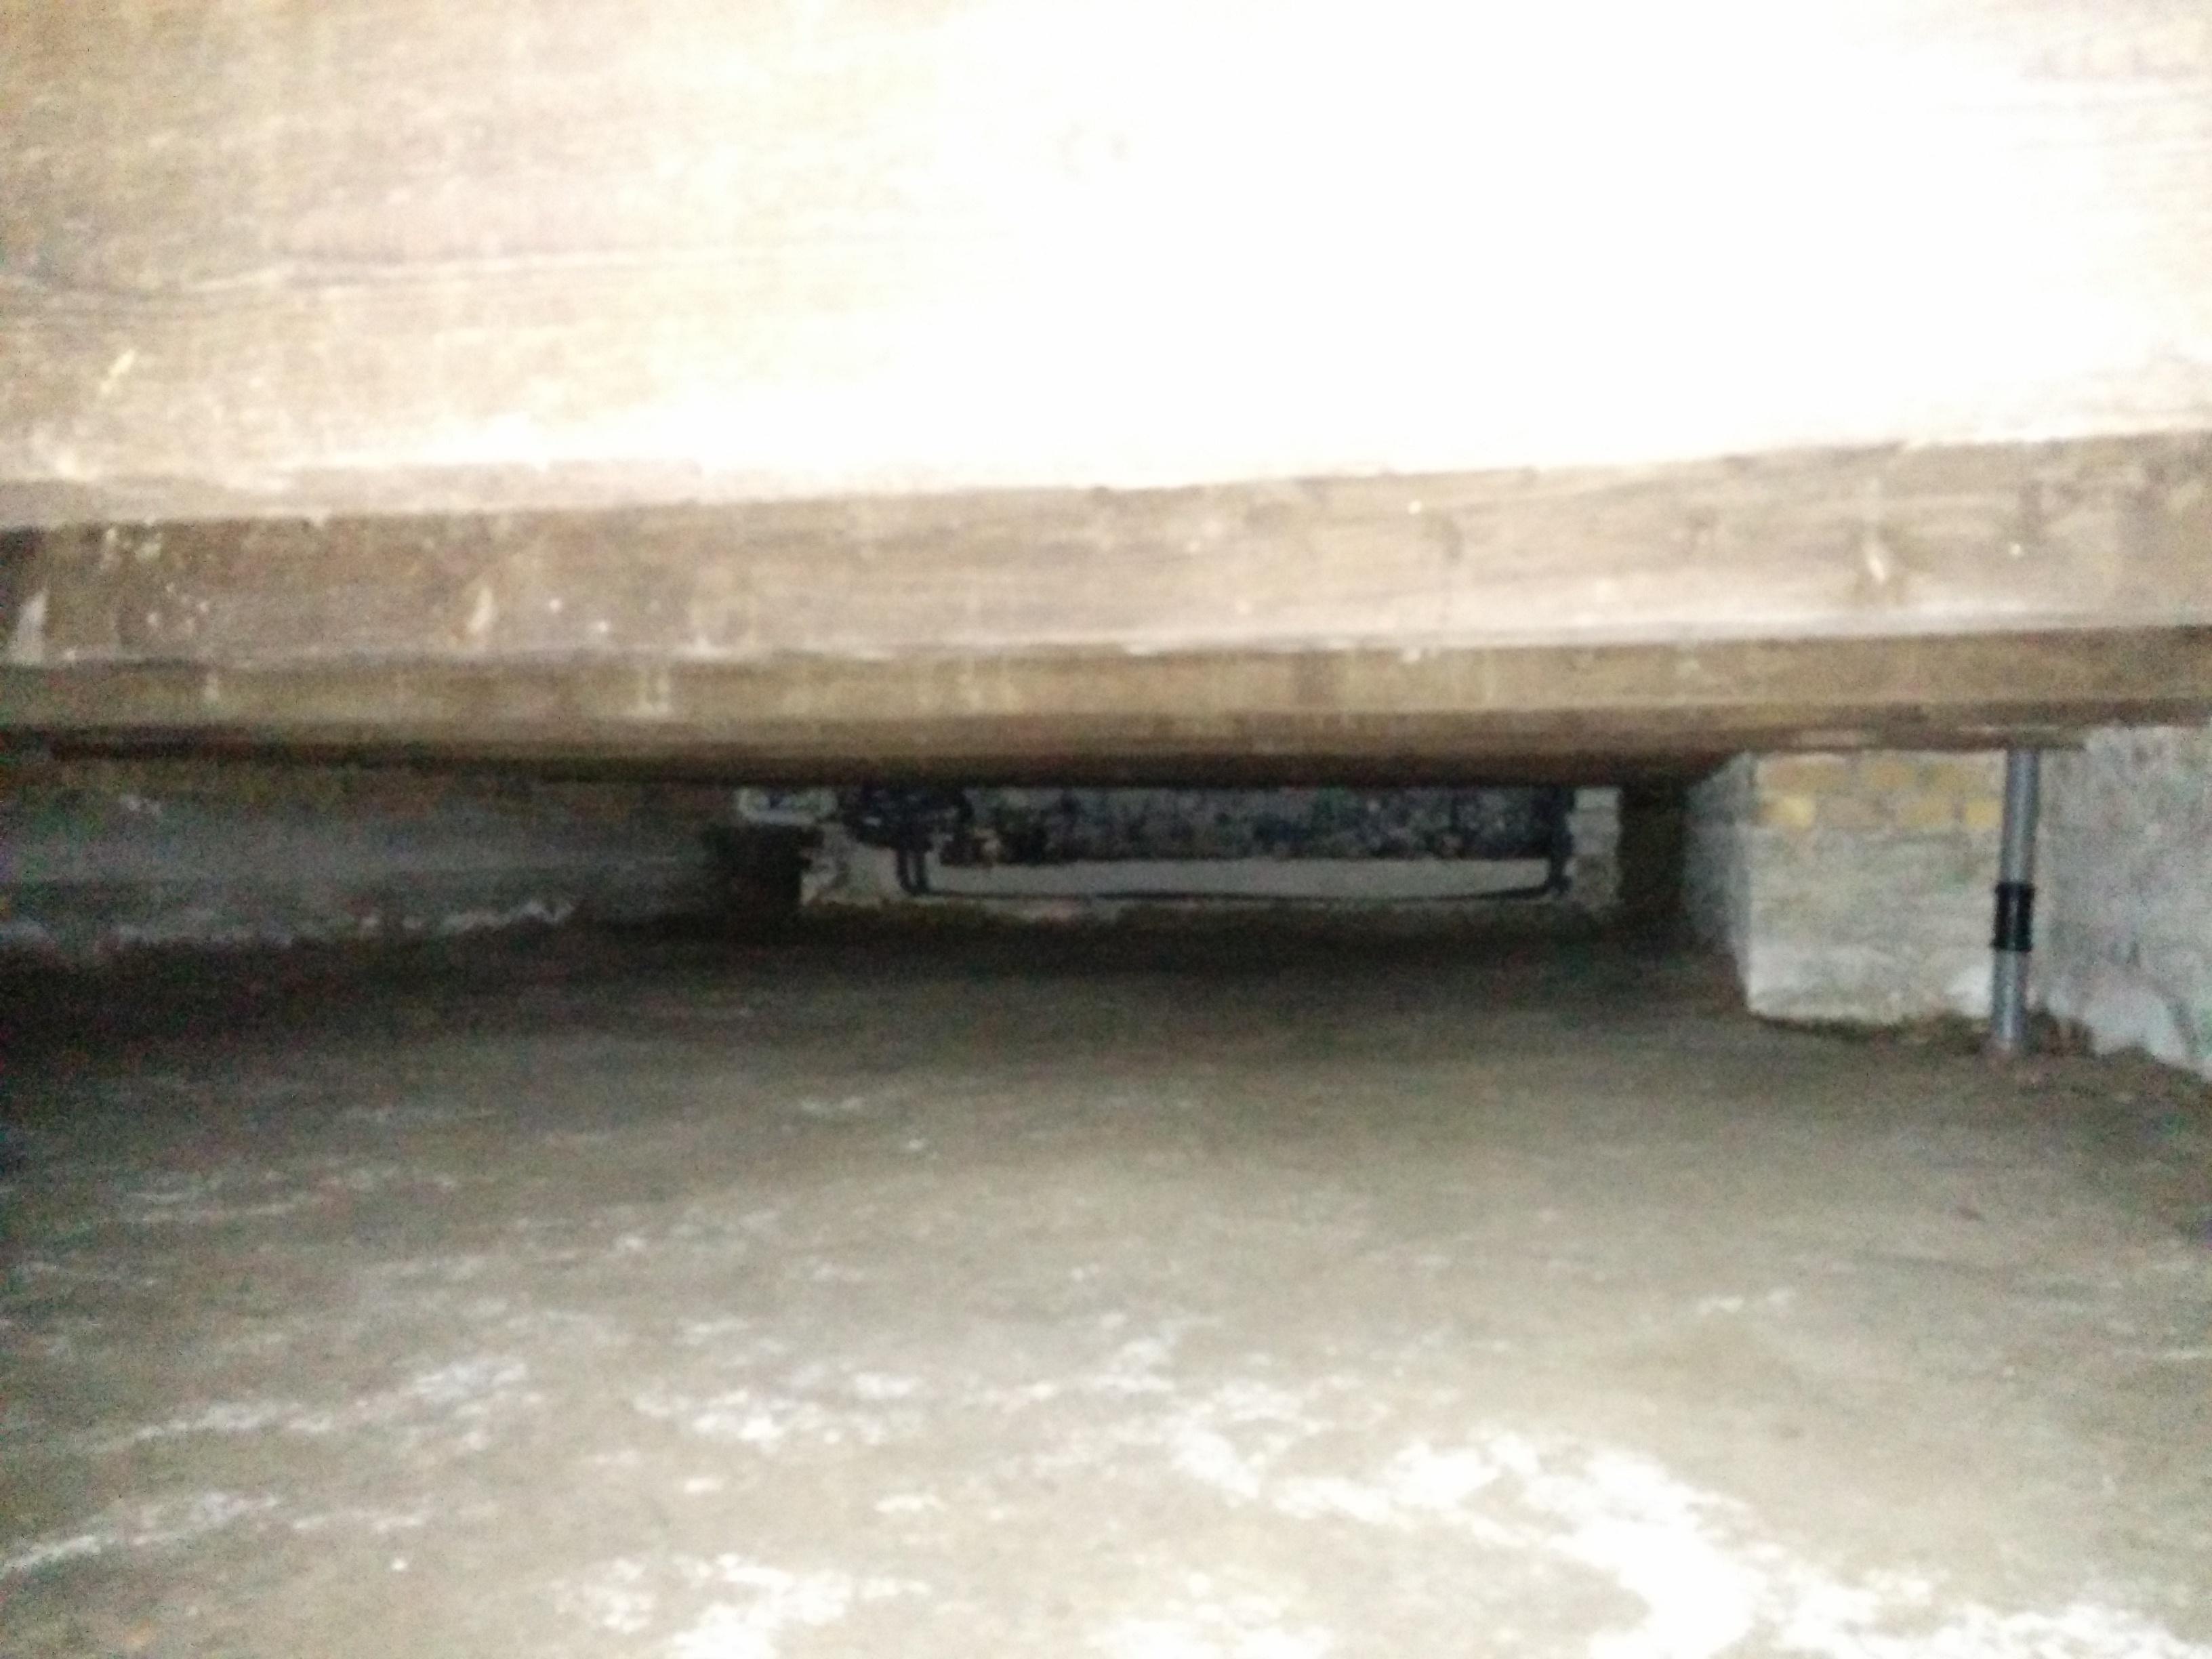 Kruipruimte vloer (na )isoleren   duurzame energie & domotica   got